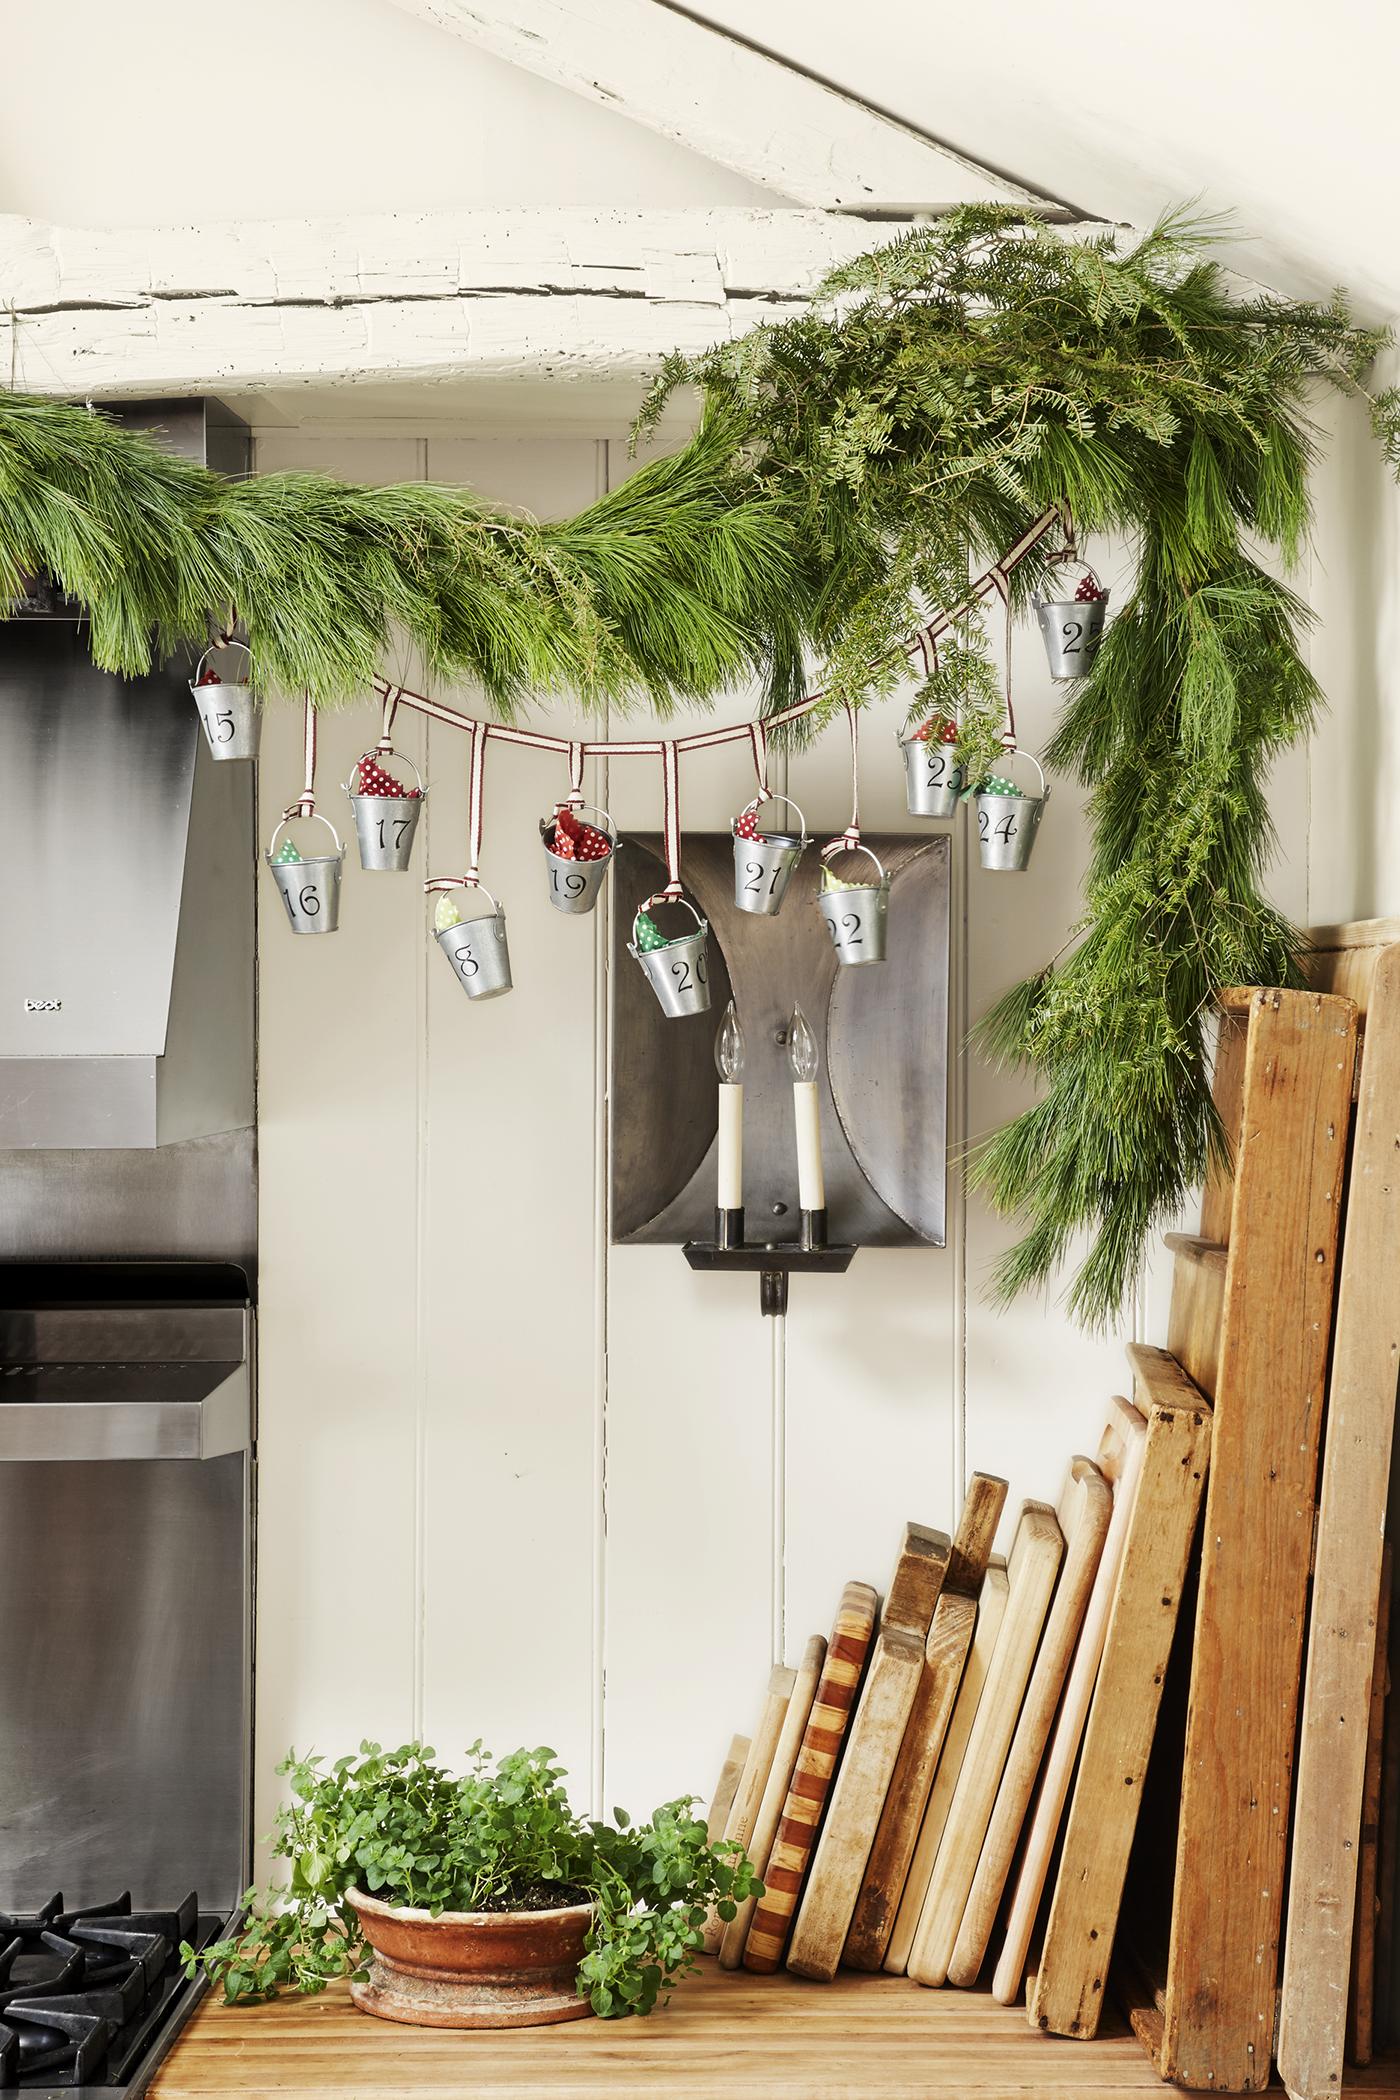 33 DIY Advent Calendar Ideas - Homemade Christmas Advent ...